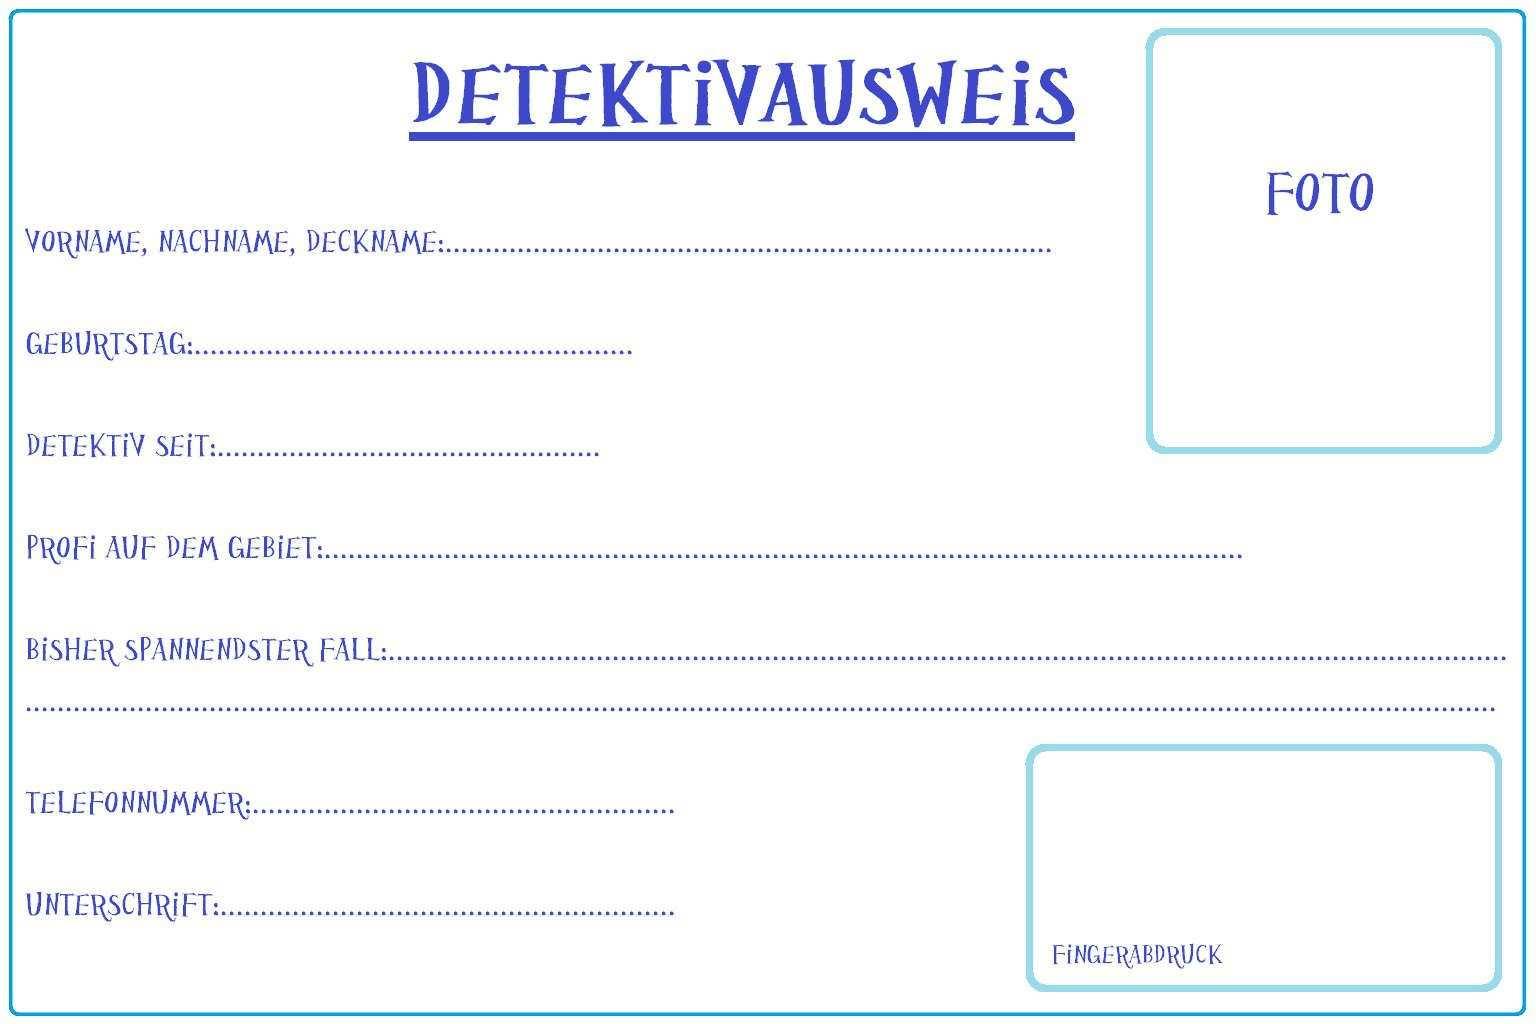 Detektivausweis 627 Jpg 1536 1024 Detektivausweis